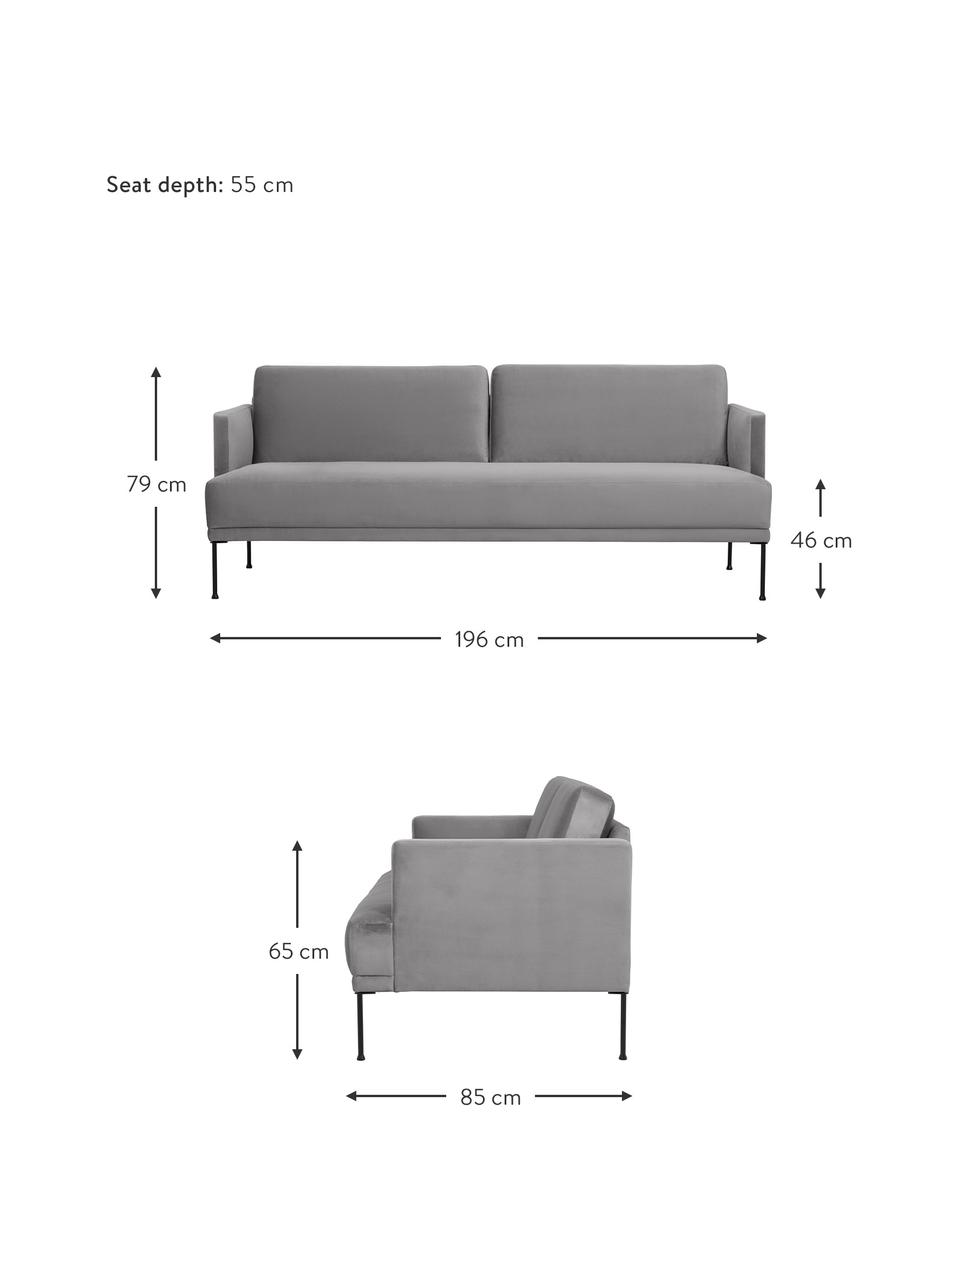 Samt-Sofa Fluente (3-Sitzer) in Hellgrau mit Metall-Füßen, Bezug: Samt (Hochwertiger Polyes, Gestell: Massives Kiefernholz, Füße: Metall, pulverbeschichtet, Samt Hellgrau, B 196 x T 85 cm